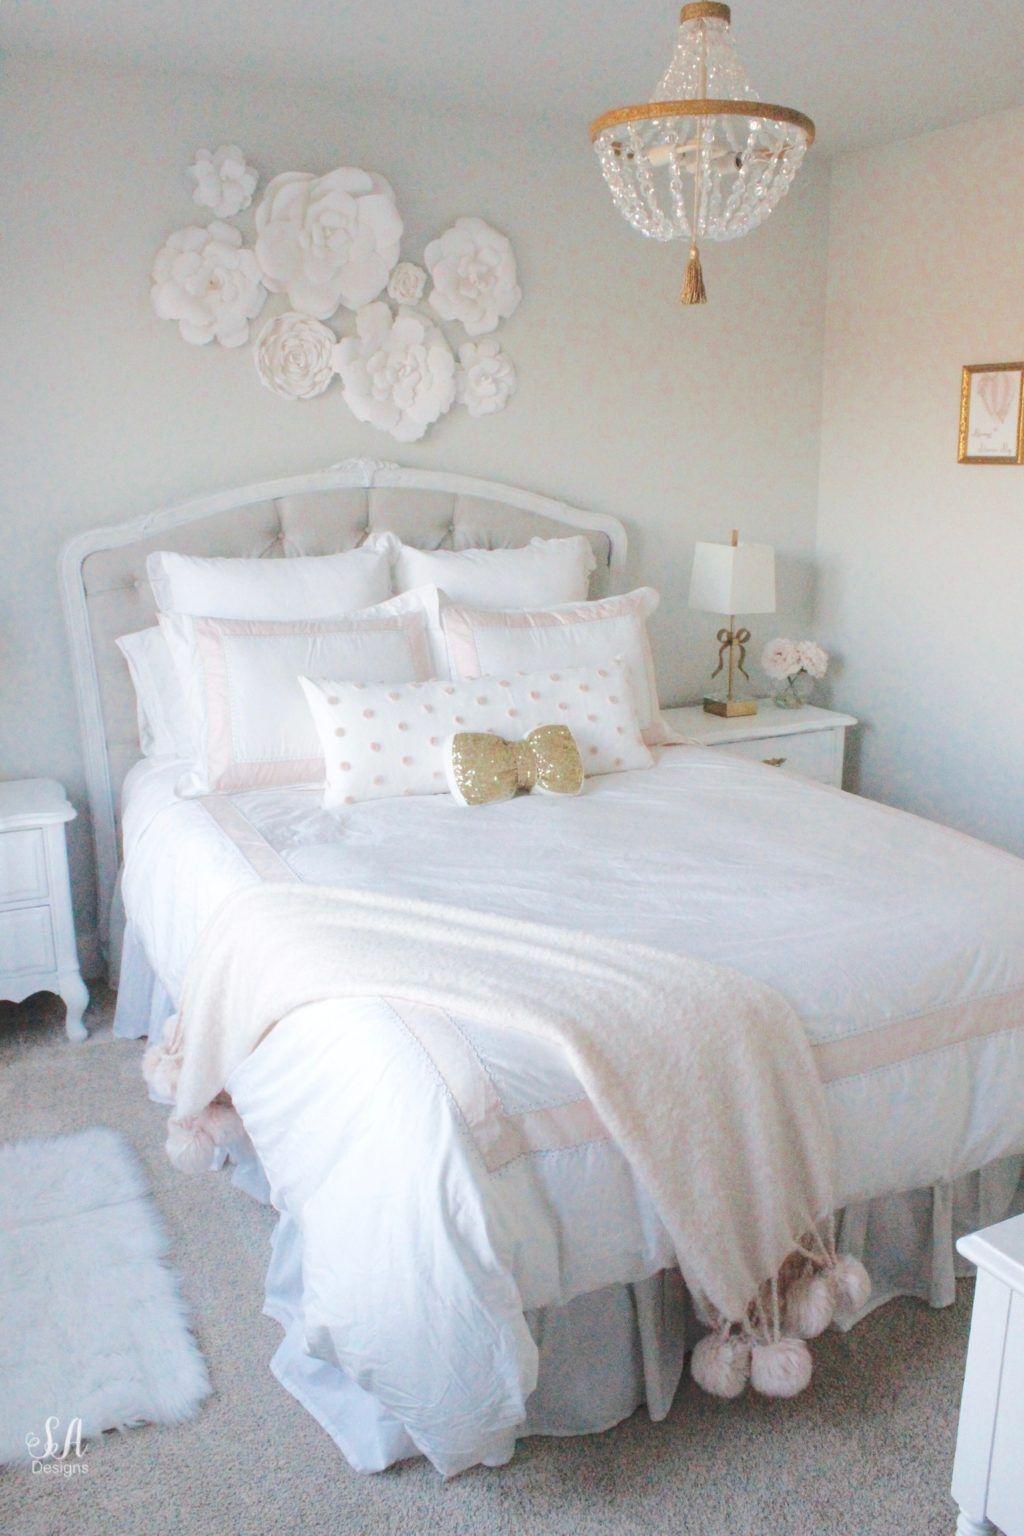 Tween Girl S Bedroom In Blush Gold Grey In 2020 Tween Girl Bedroom Pink Bedroom Decor Grey And Gold Bedroom